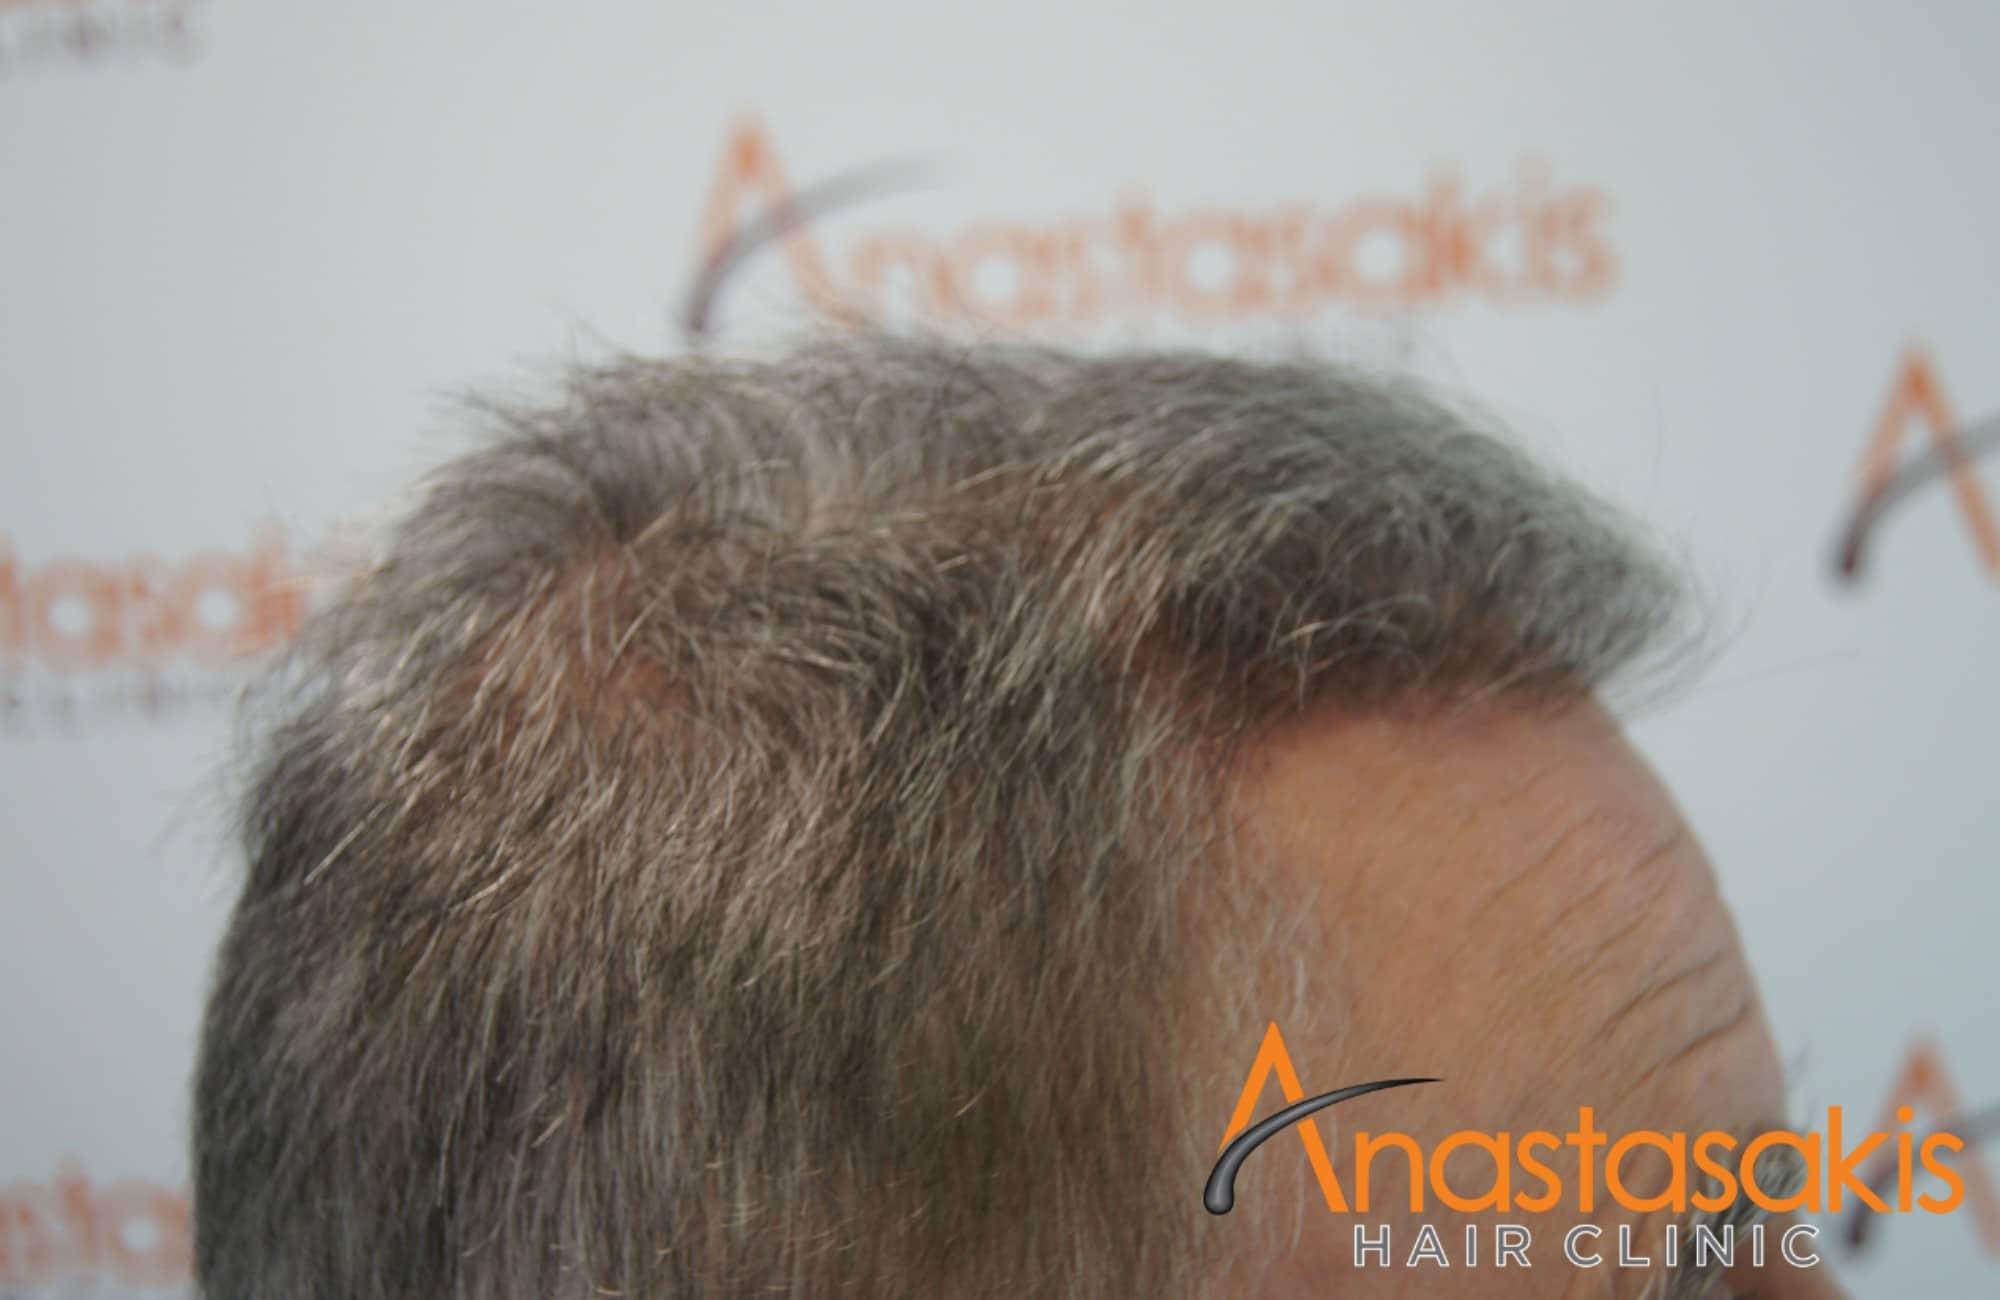 αριστερο προφιλ ασθενους μετα τη μεταμοσχευση μαλλιων με 3650 fus